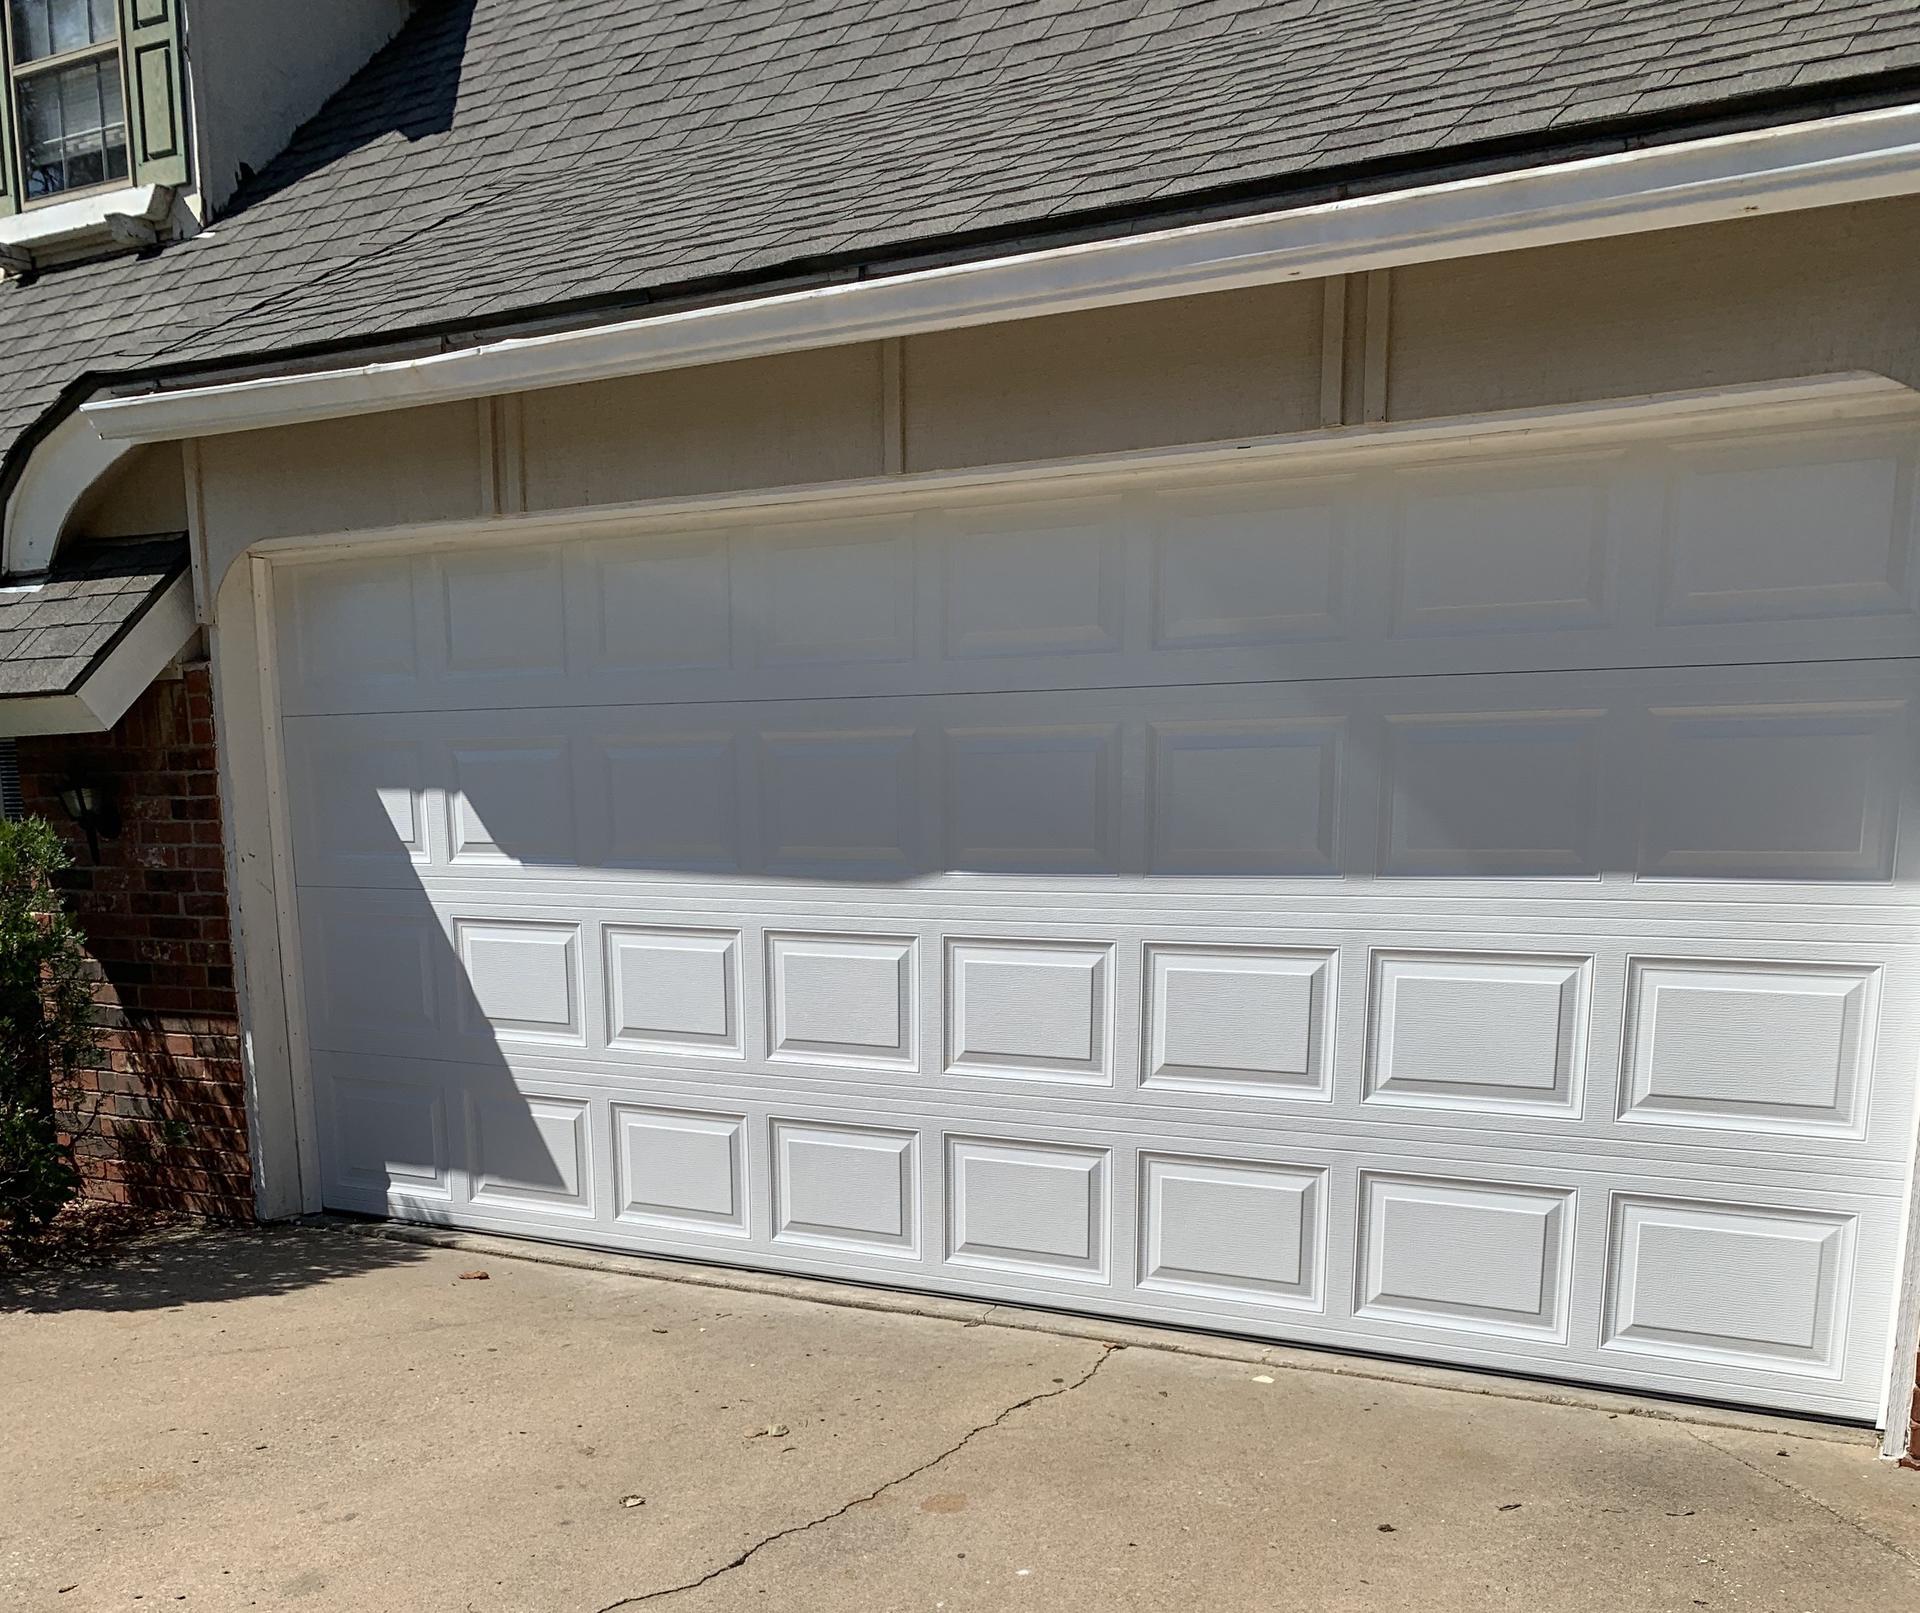 9x8 Sectional Garage Doors